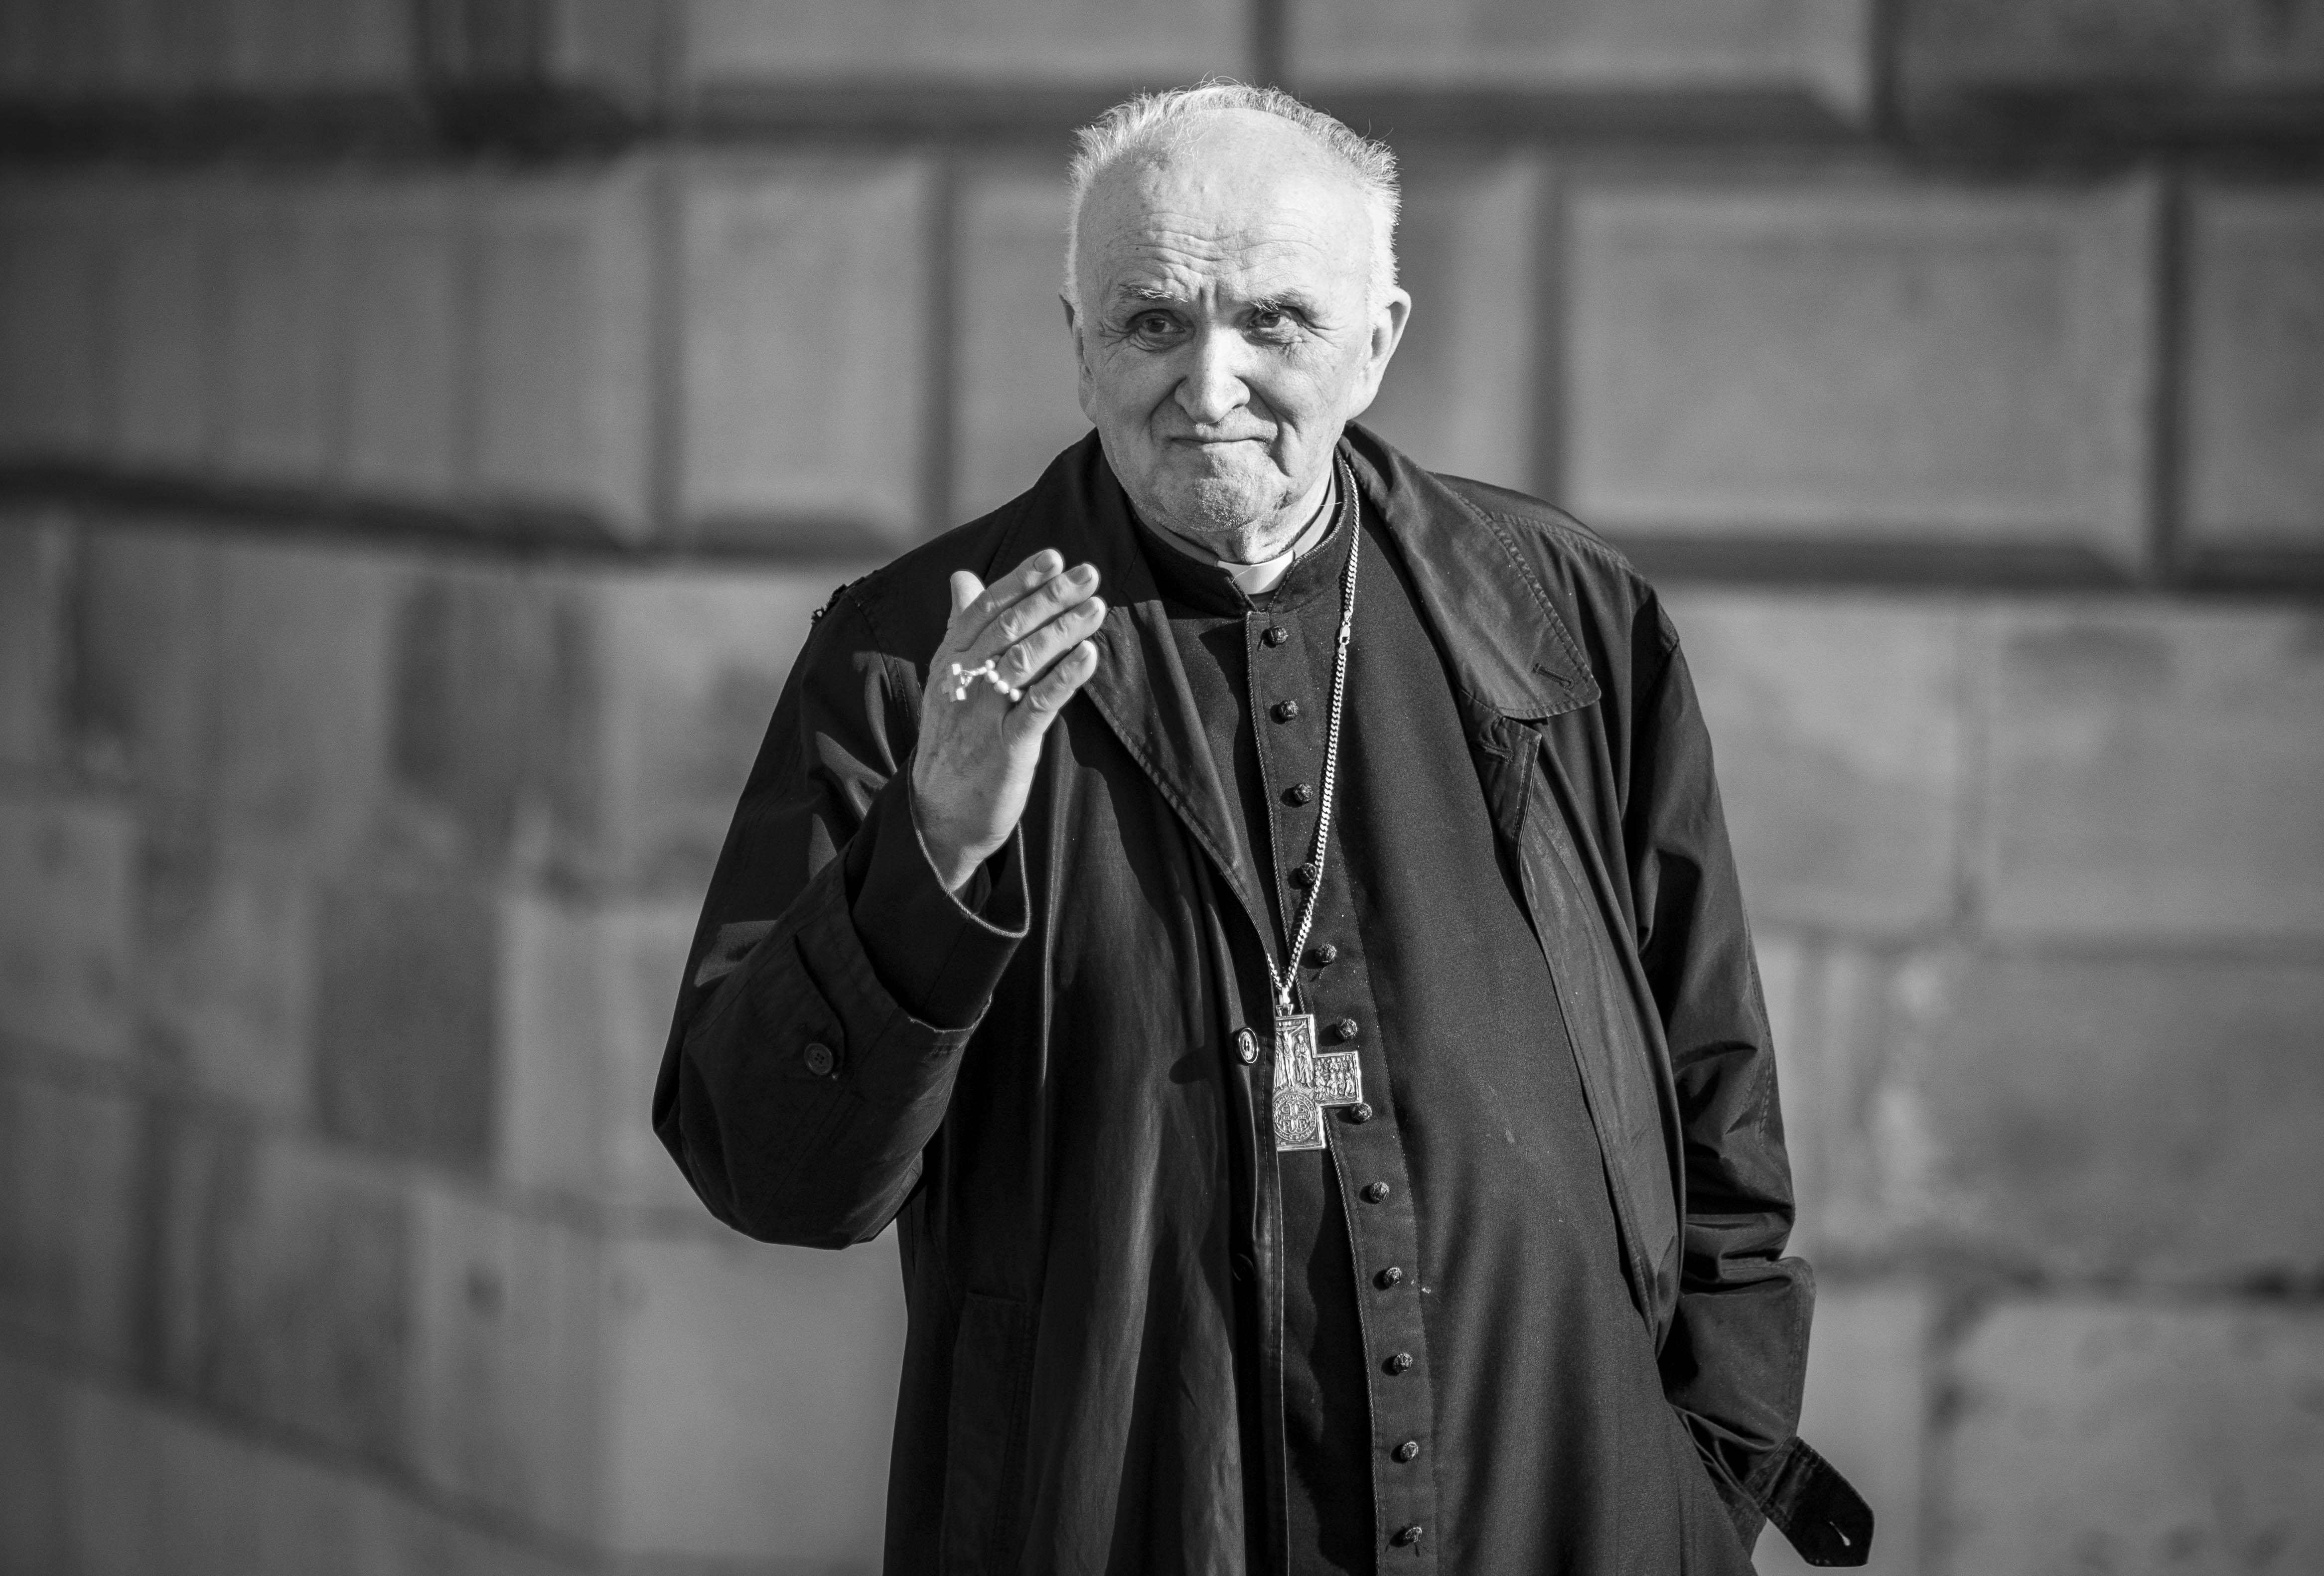 Zmarł ks. Janusz Bielański